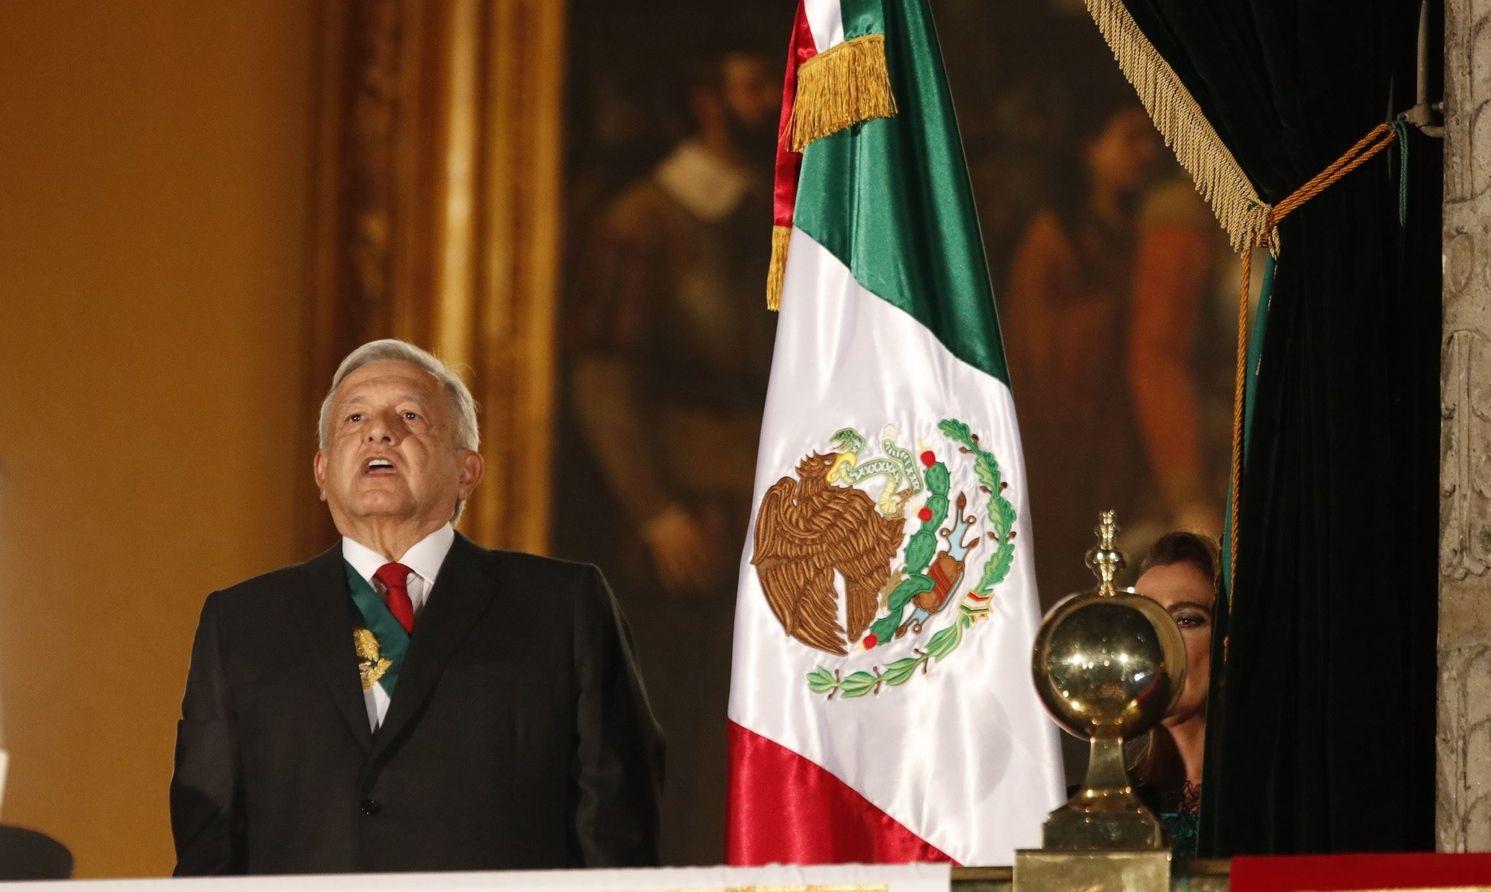 El presidente de México, Andrés Manuel López Obrador celebró la ceremonia de EL Grito, el 15 de septiembre de 2019, en Palacio Nacional de la Ciudad de México.